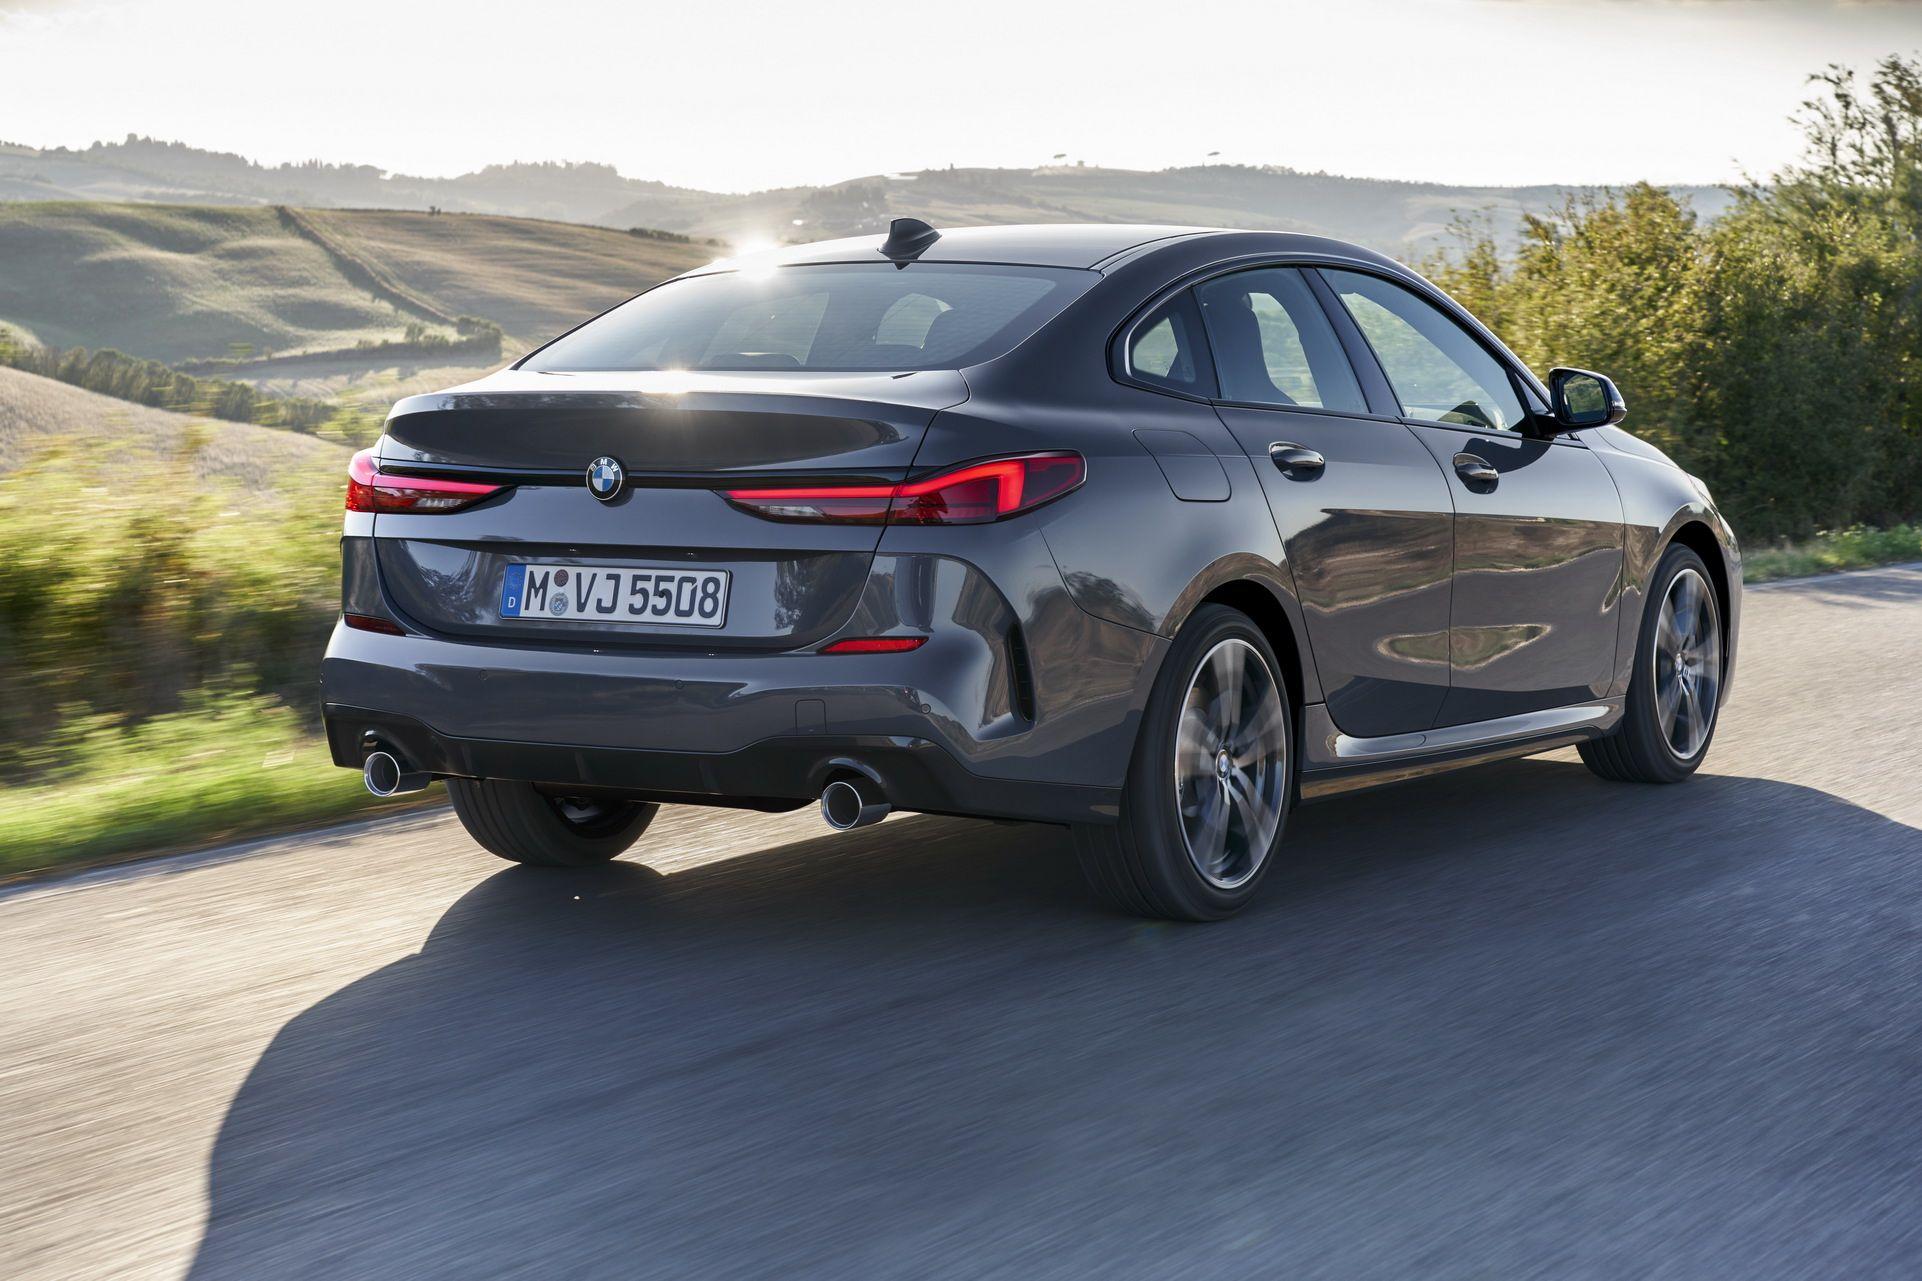 2021 BMW 220D Xdrive Price